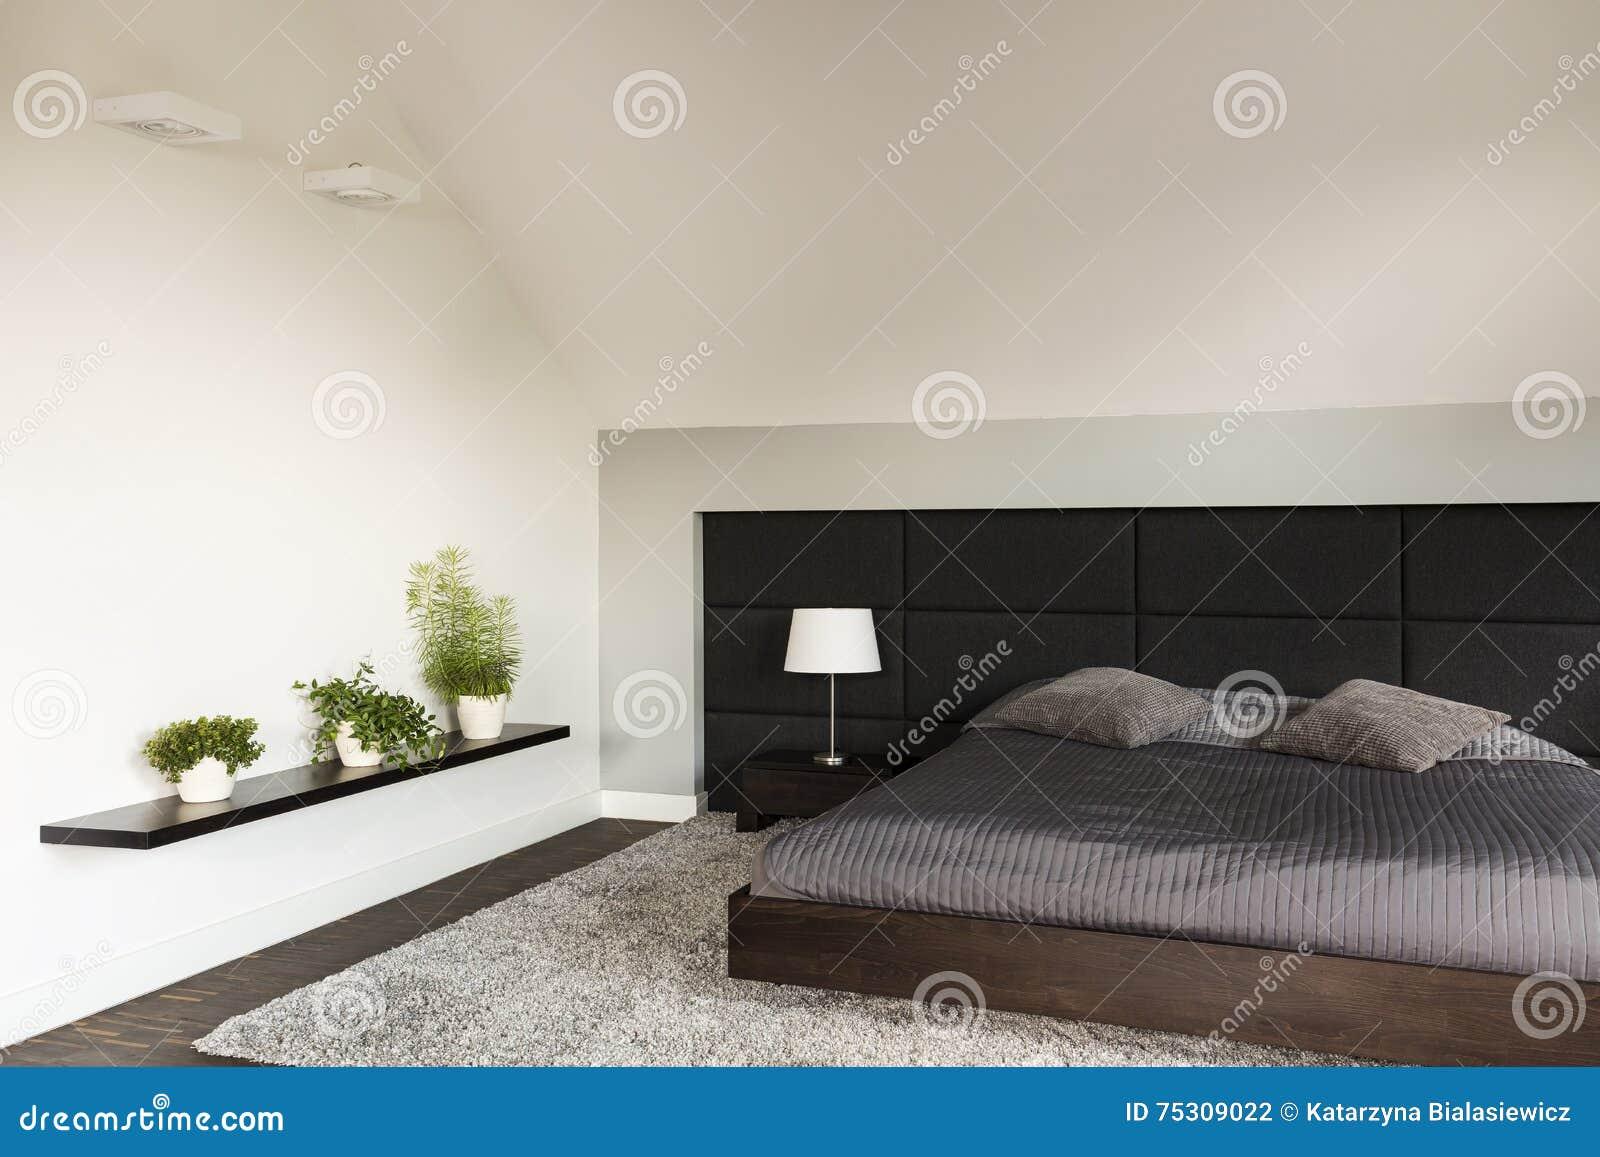 Beau Einfaches Helles Schlafzimmer In Der Japanischen Art Mit Großem Bett,  Gepolsterte Wand, Teppich, Drei Bonsaibäume, Die Auf Einem Wandregal Stehen